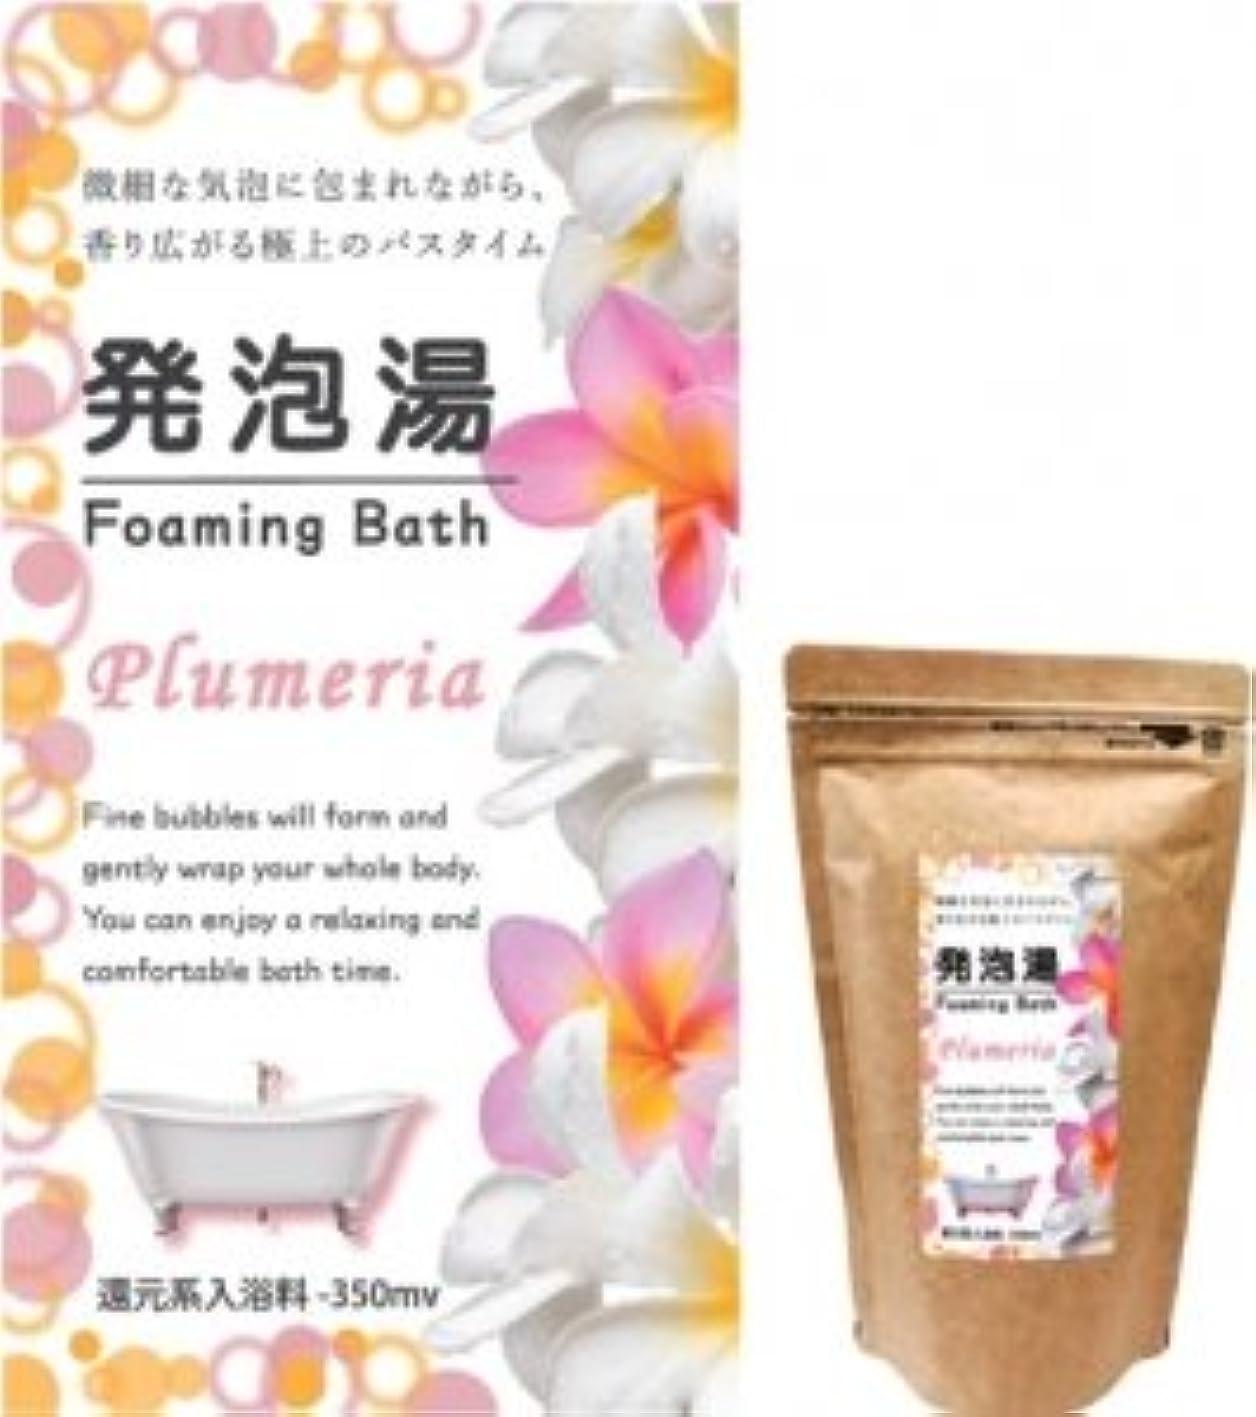 次レジのスコア発泡湯(はっぽうとう) Foaming Bath Plumeria プルメリア お徳用15回分